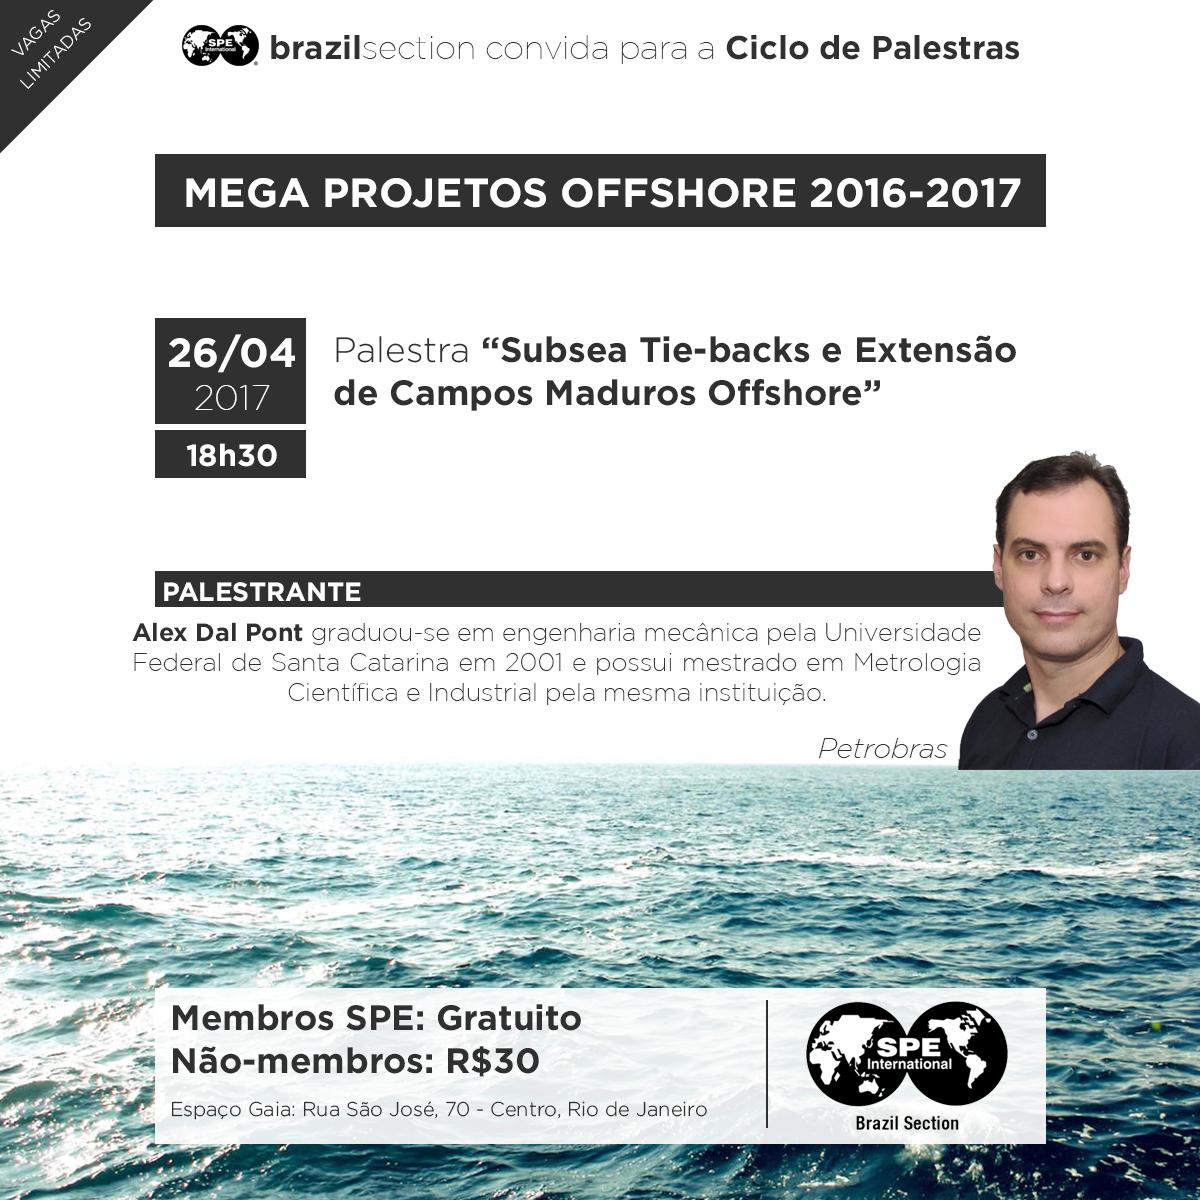 MEGA PROJETOS: SUBSEA TIE-BACKS E EXTENSÃO DA VIDA DE CAMPOS MADUROS OFFSHORE